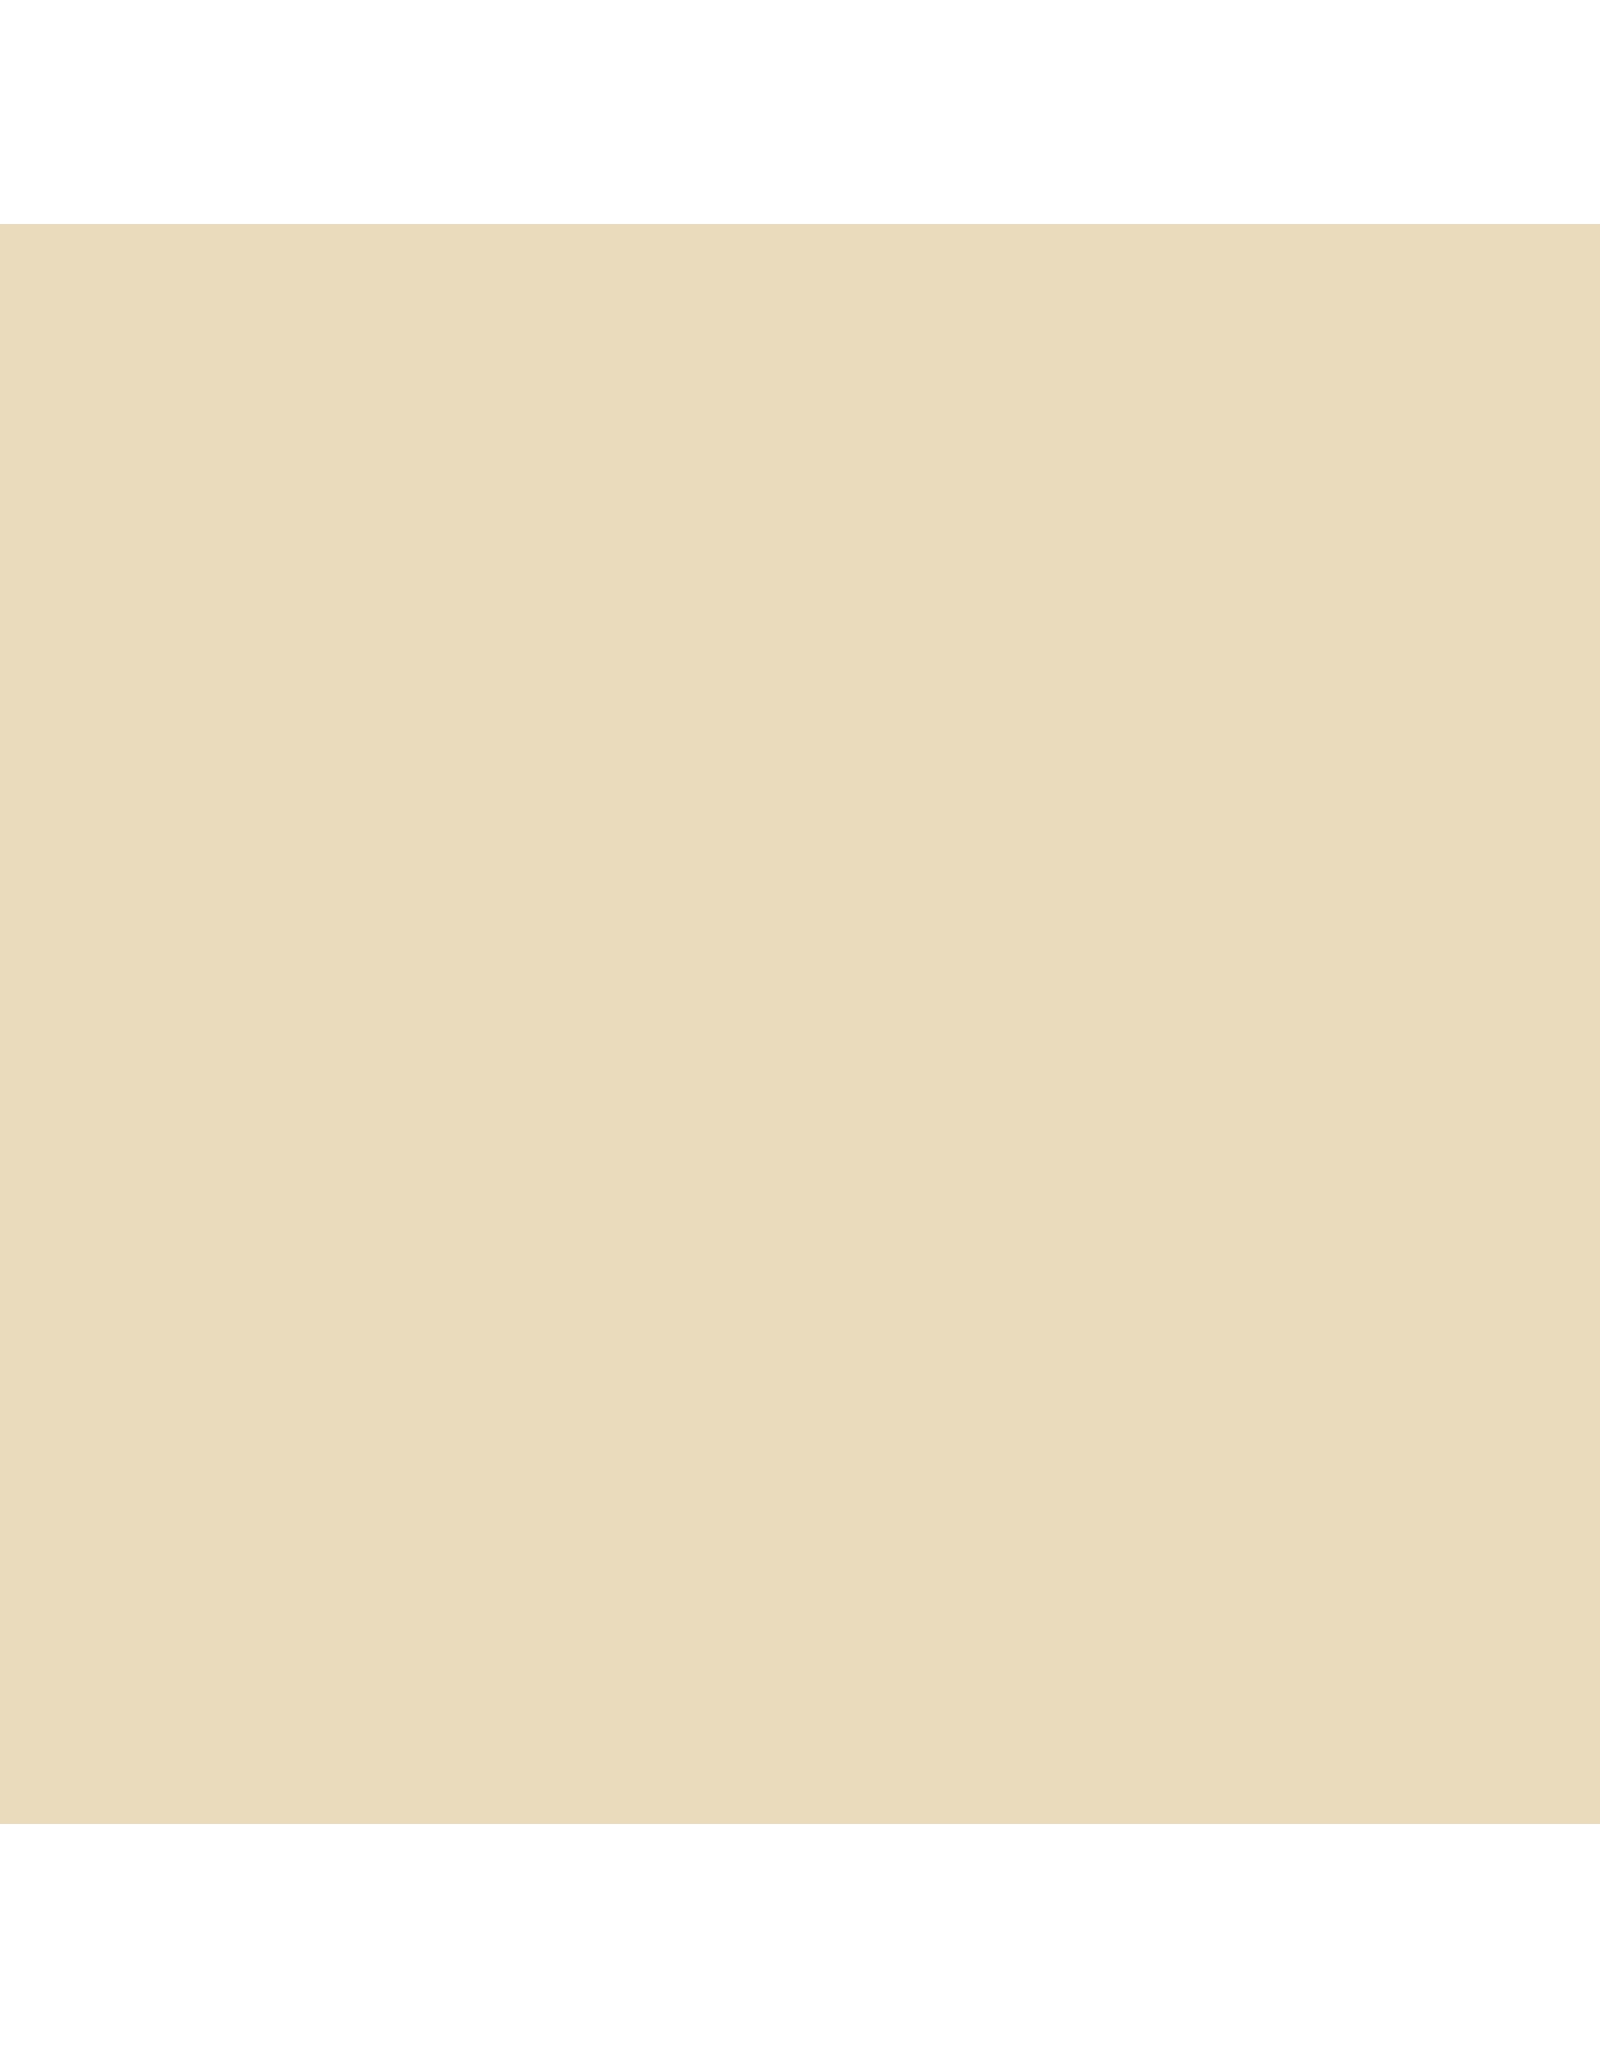 Northcott Colorworks - Sandstone